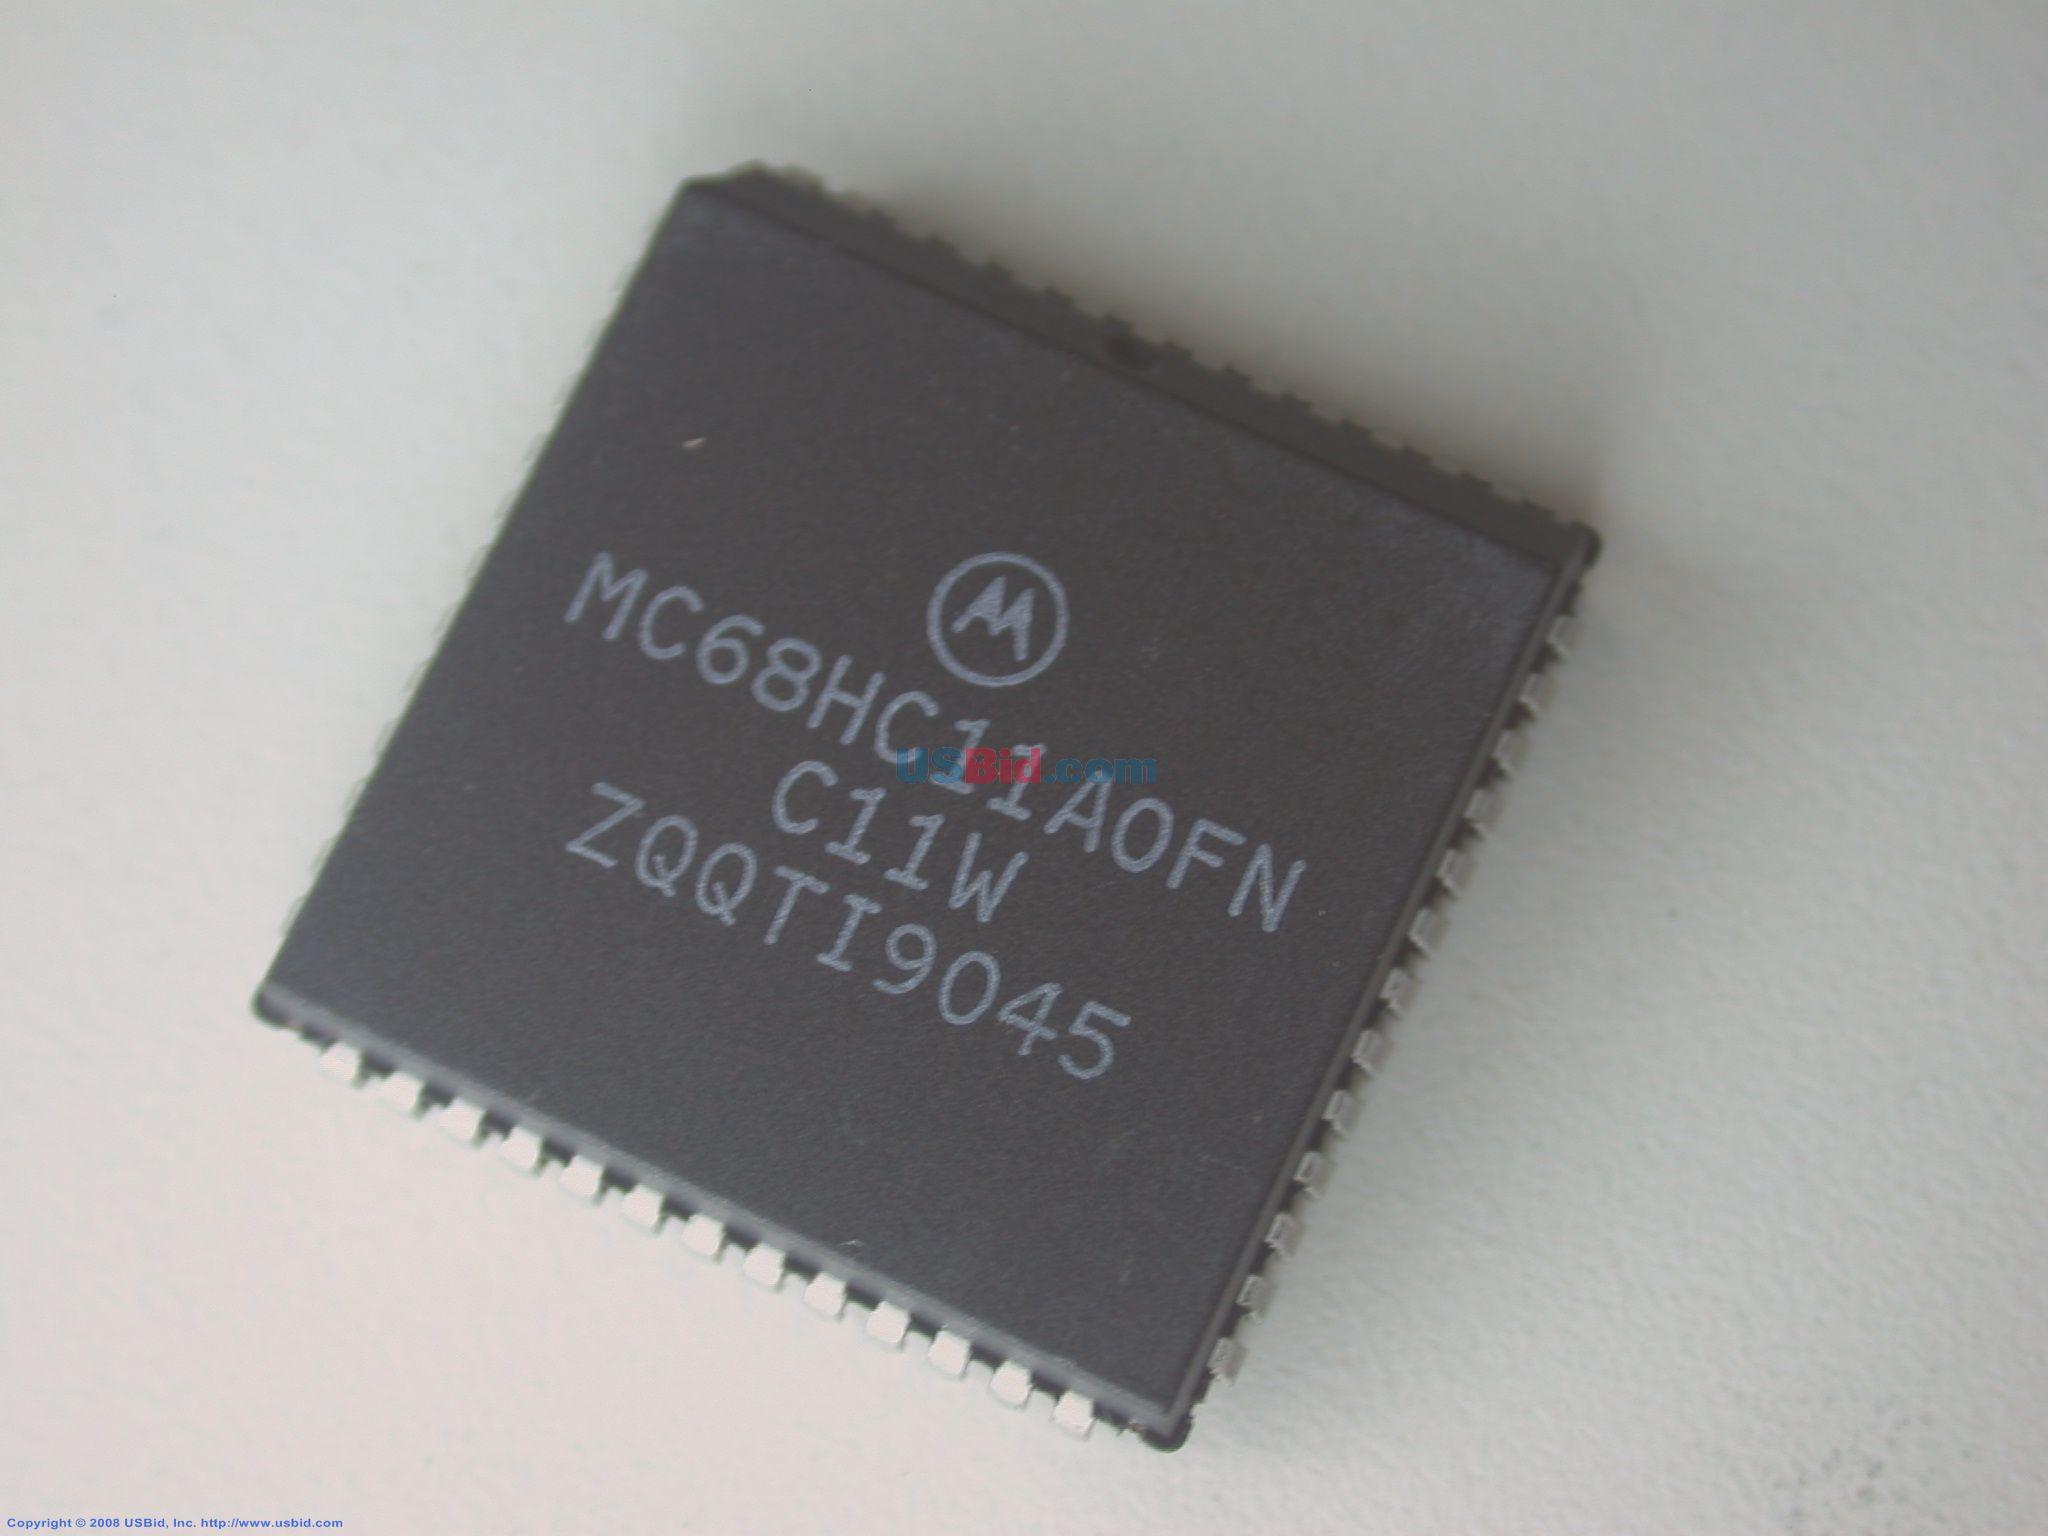 MC68HC11A0FN photos